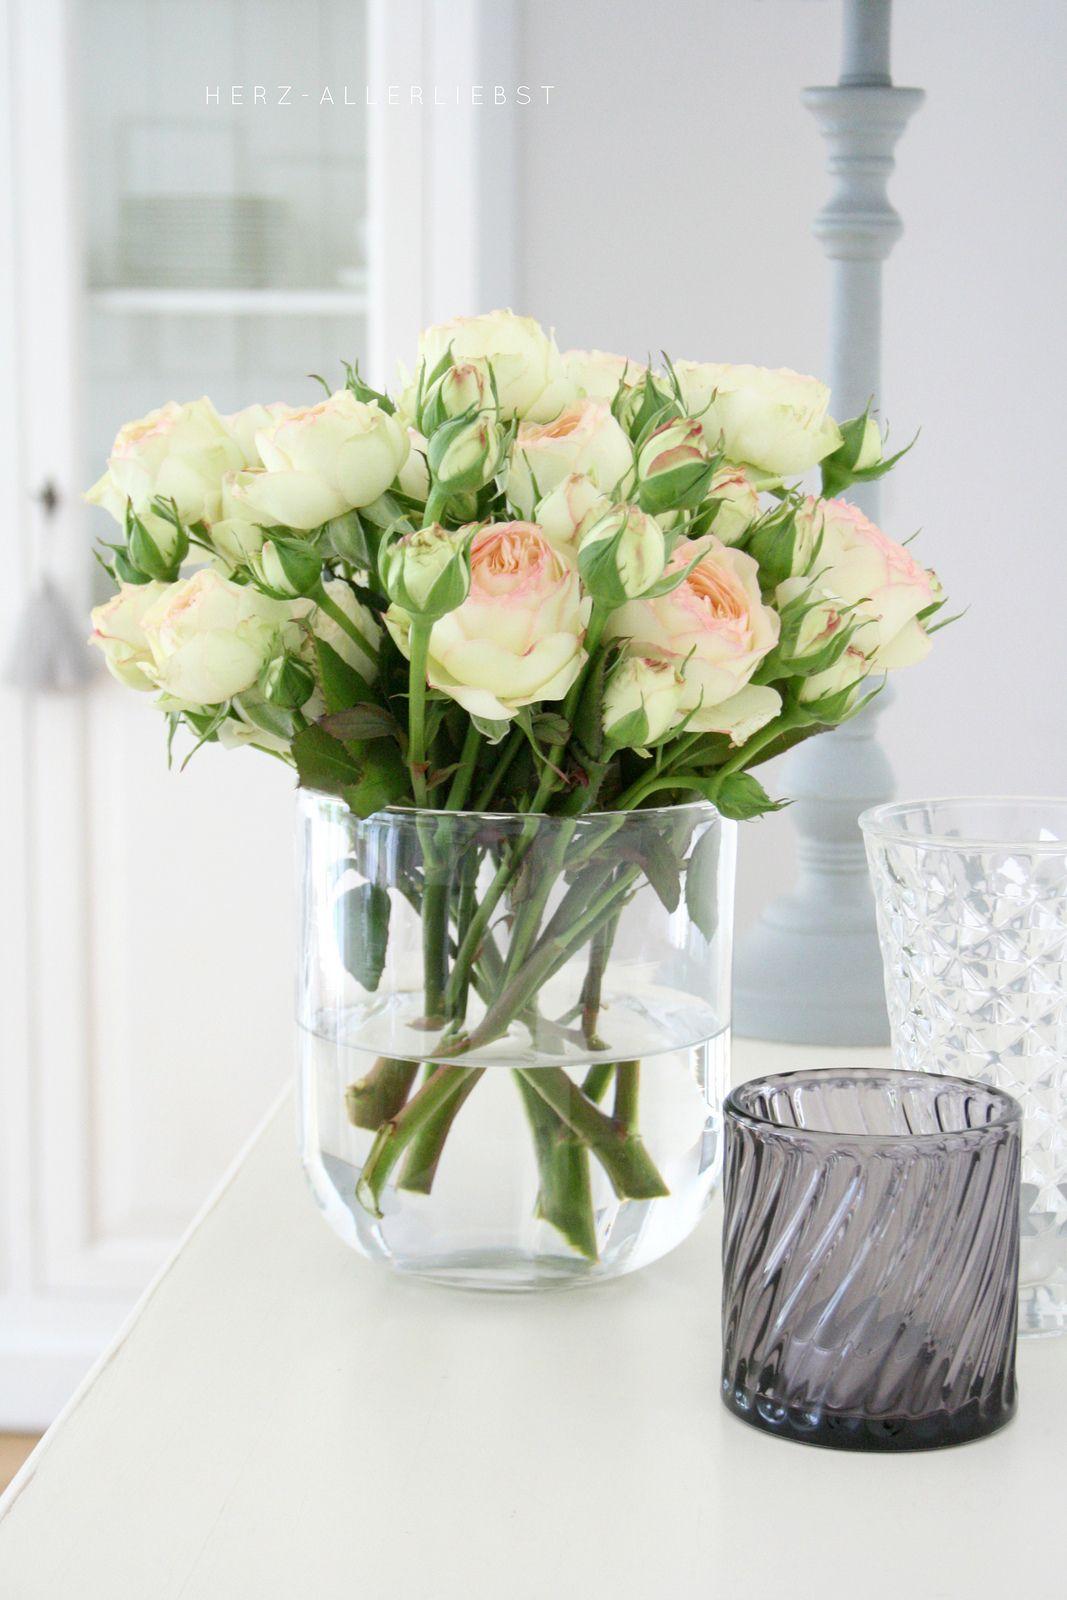 Roses | von herz-allerliebst